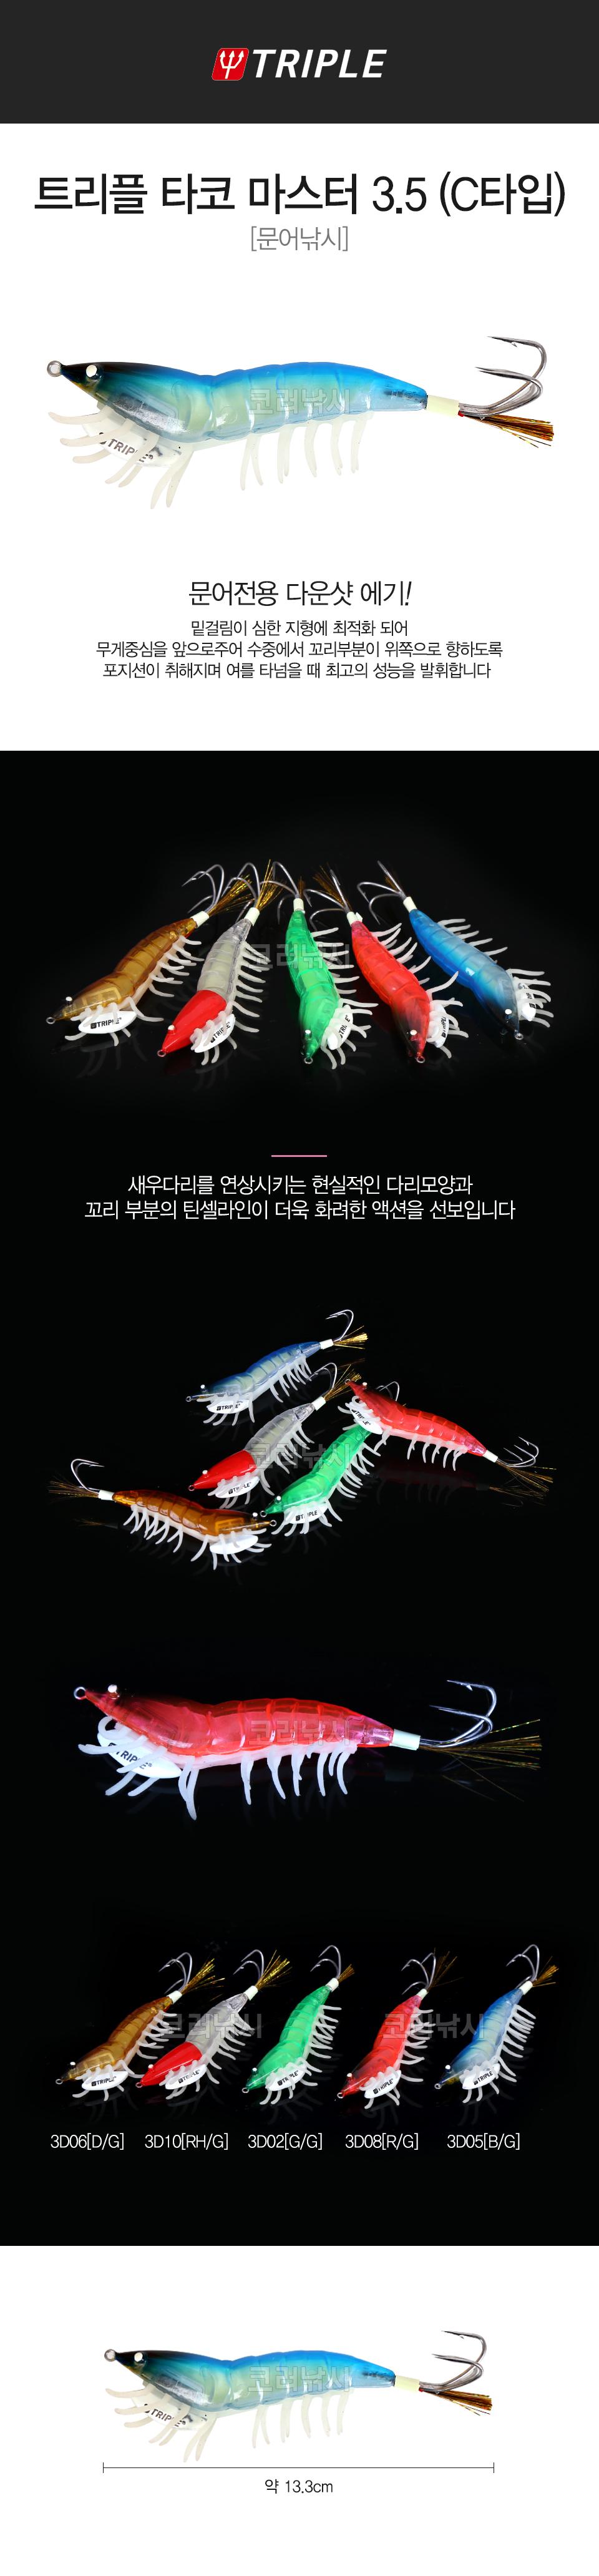 트리플 타코 마스터 3.5 (C타입) (문어낚시)   문어낚시 문어 문어루어 타코미끼